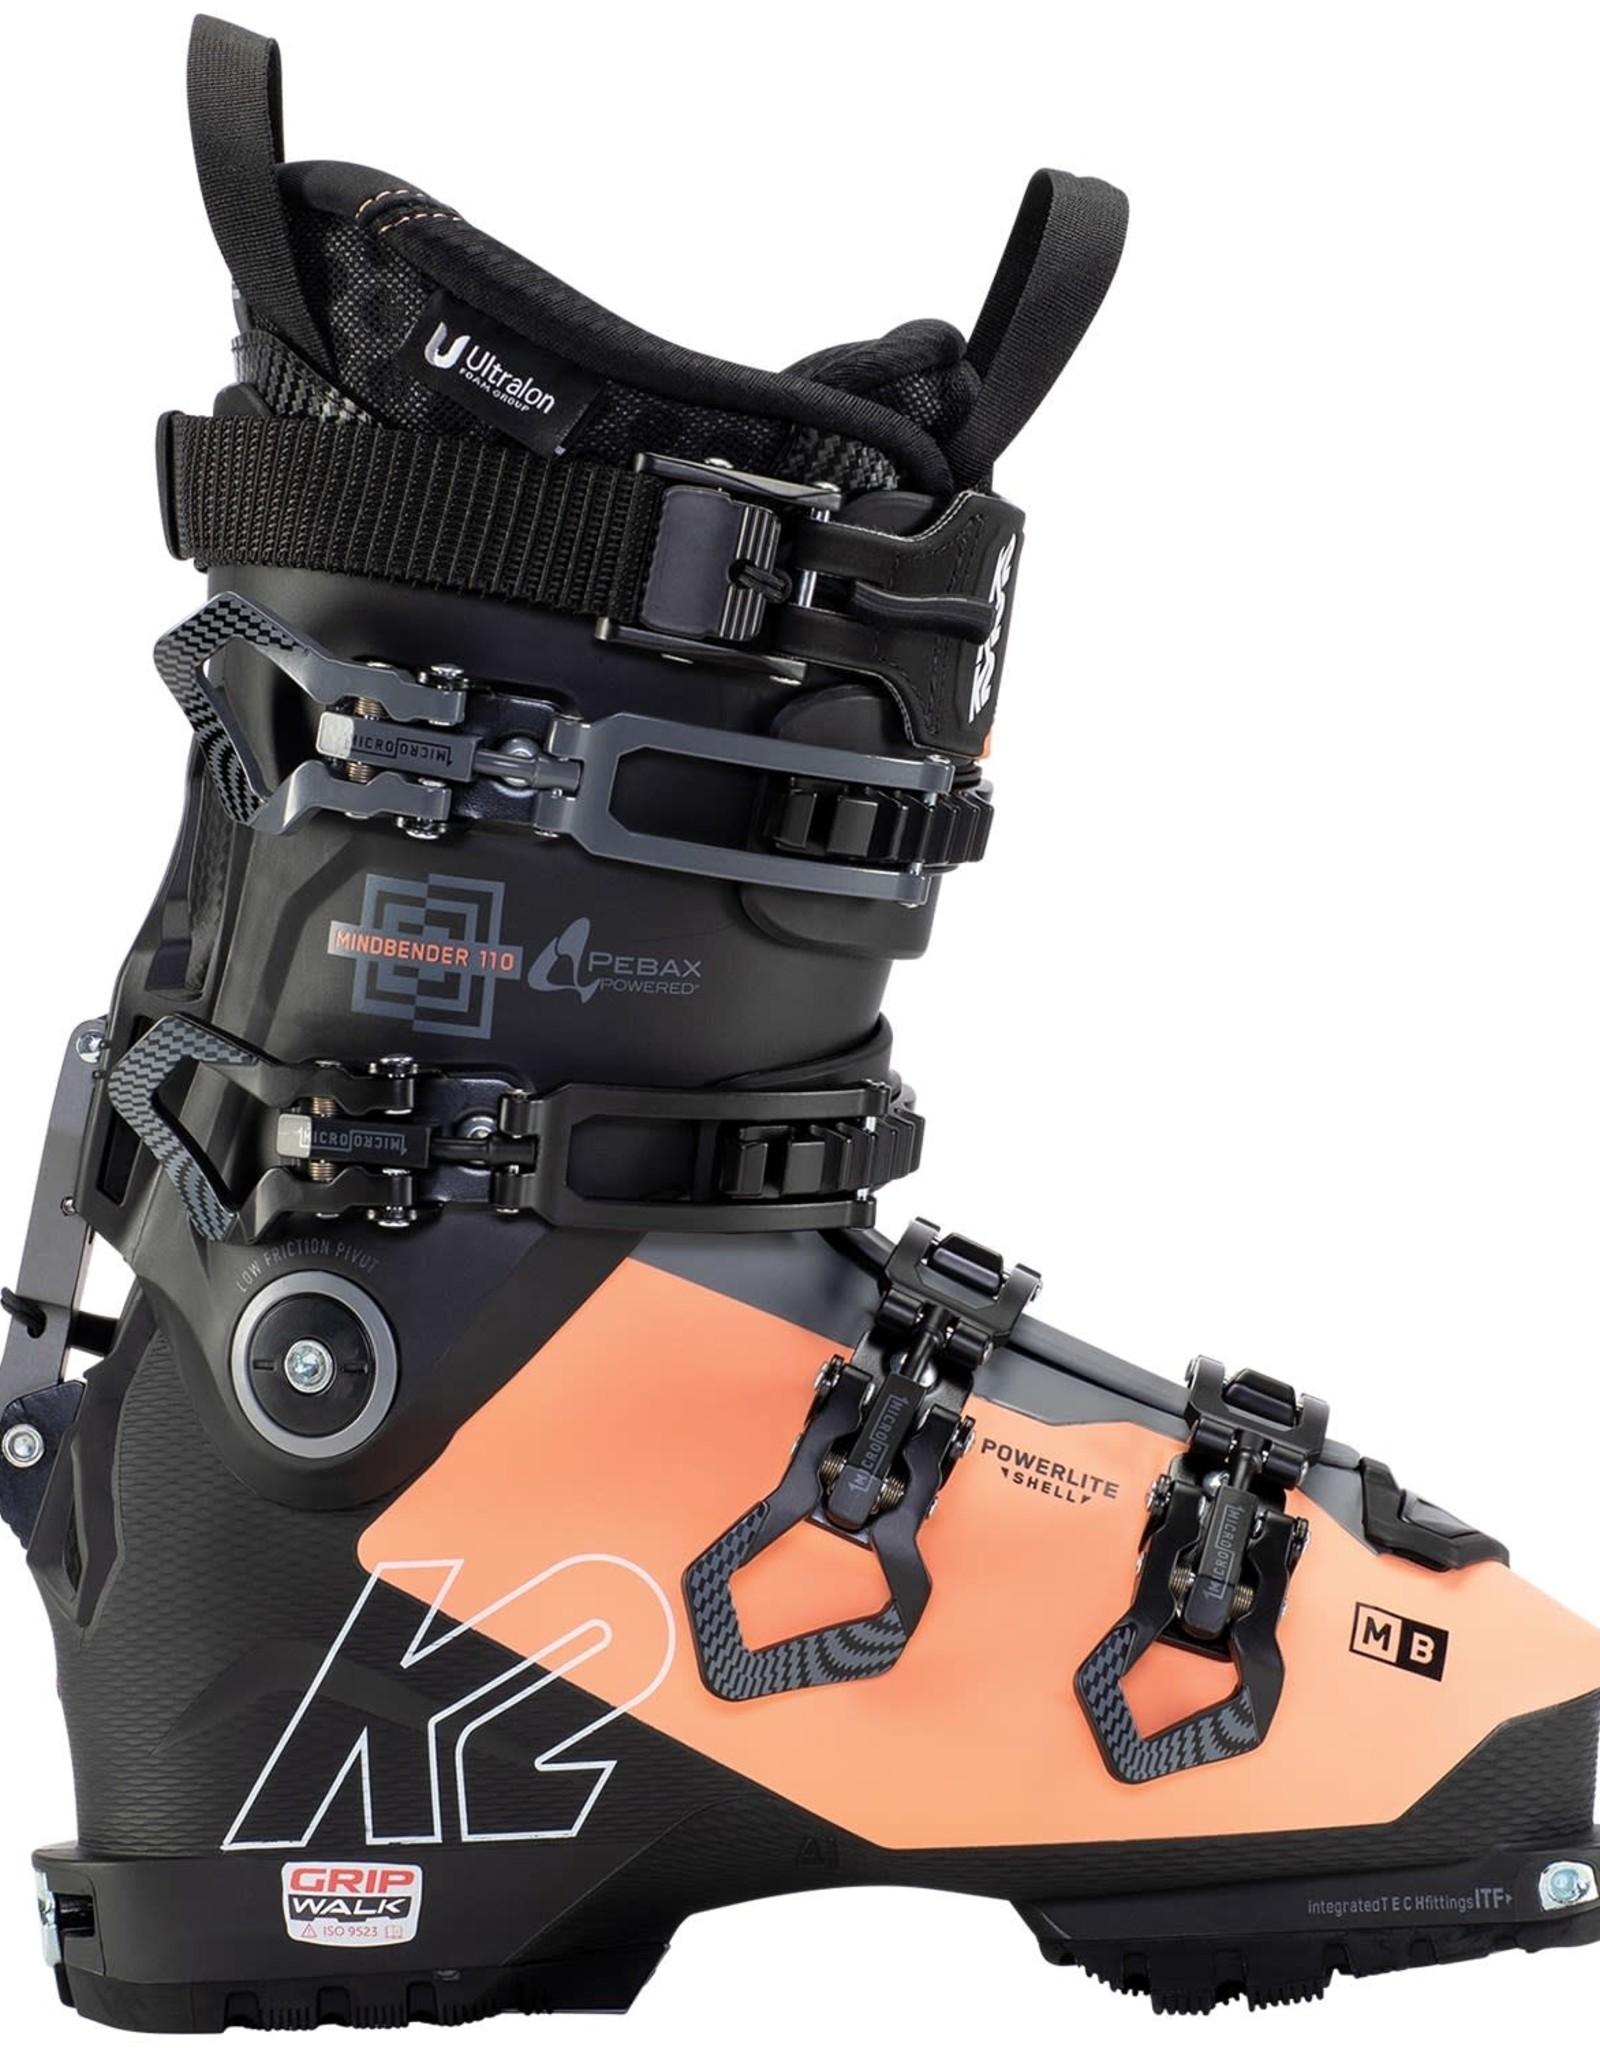 K2 - Mindbender Alliance 110 - boots